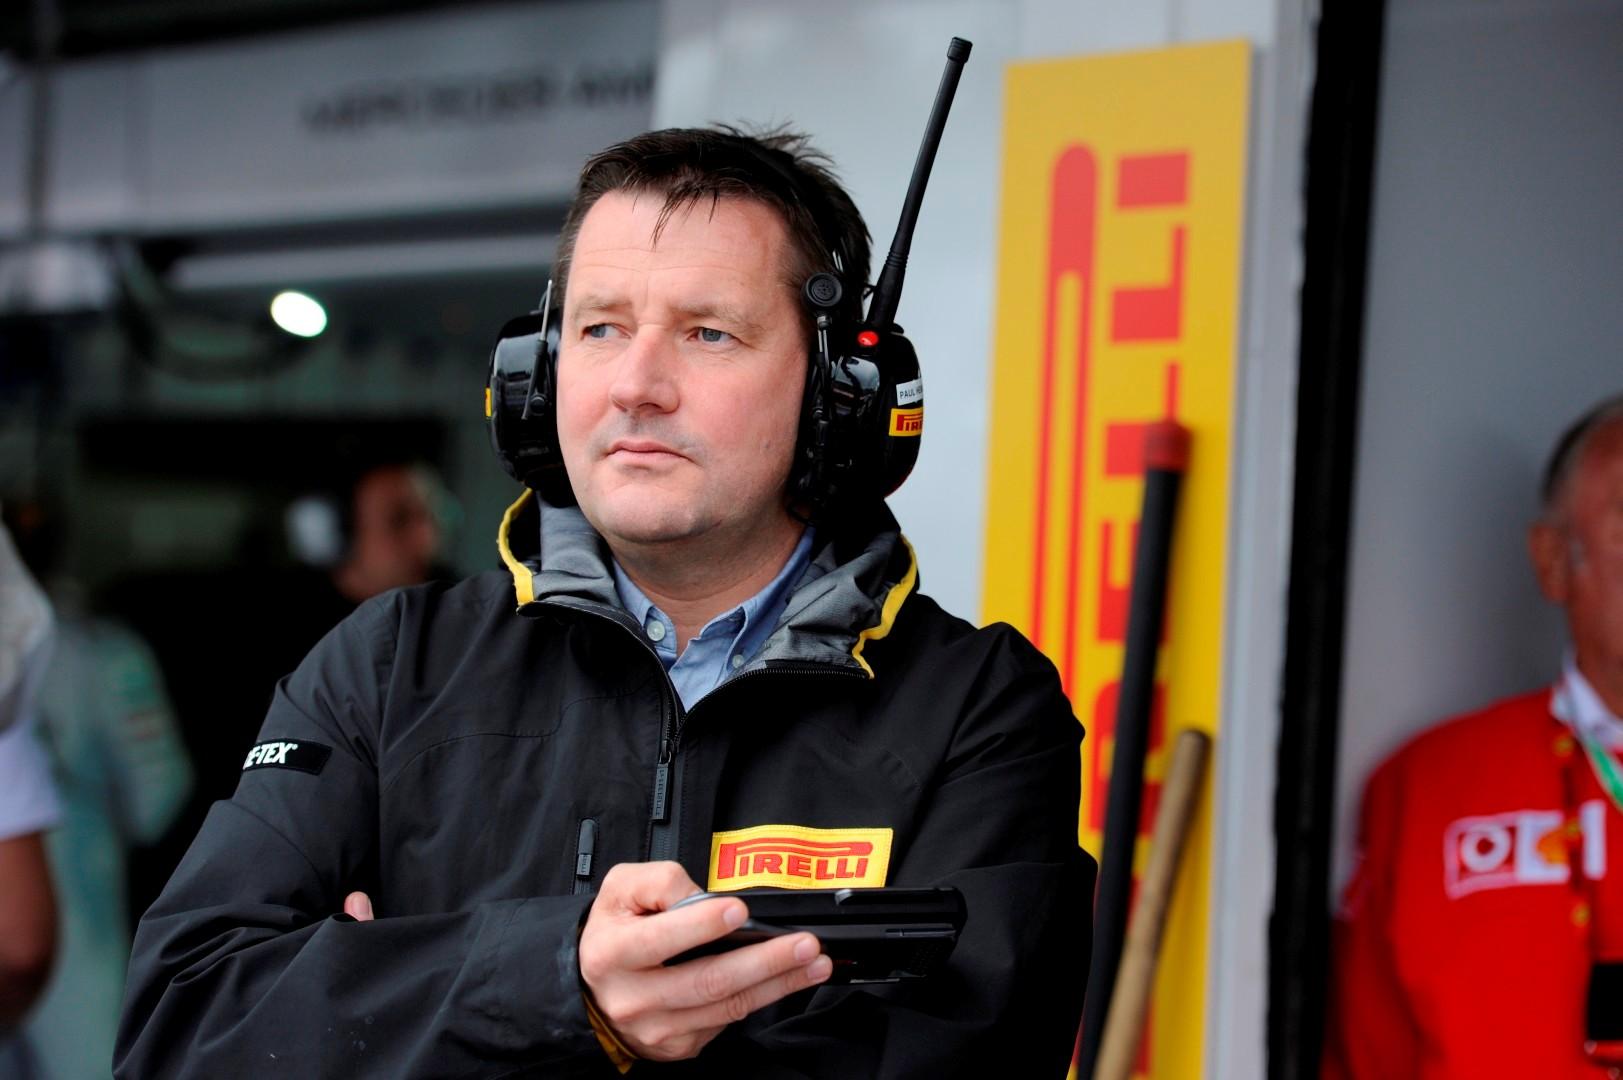 Dirkači Formule 1 naj ustavijo kritike Pirellija